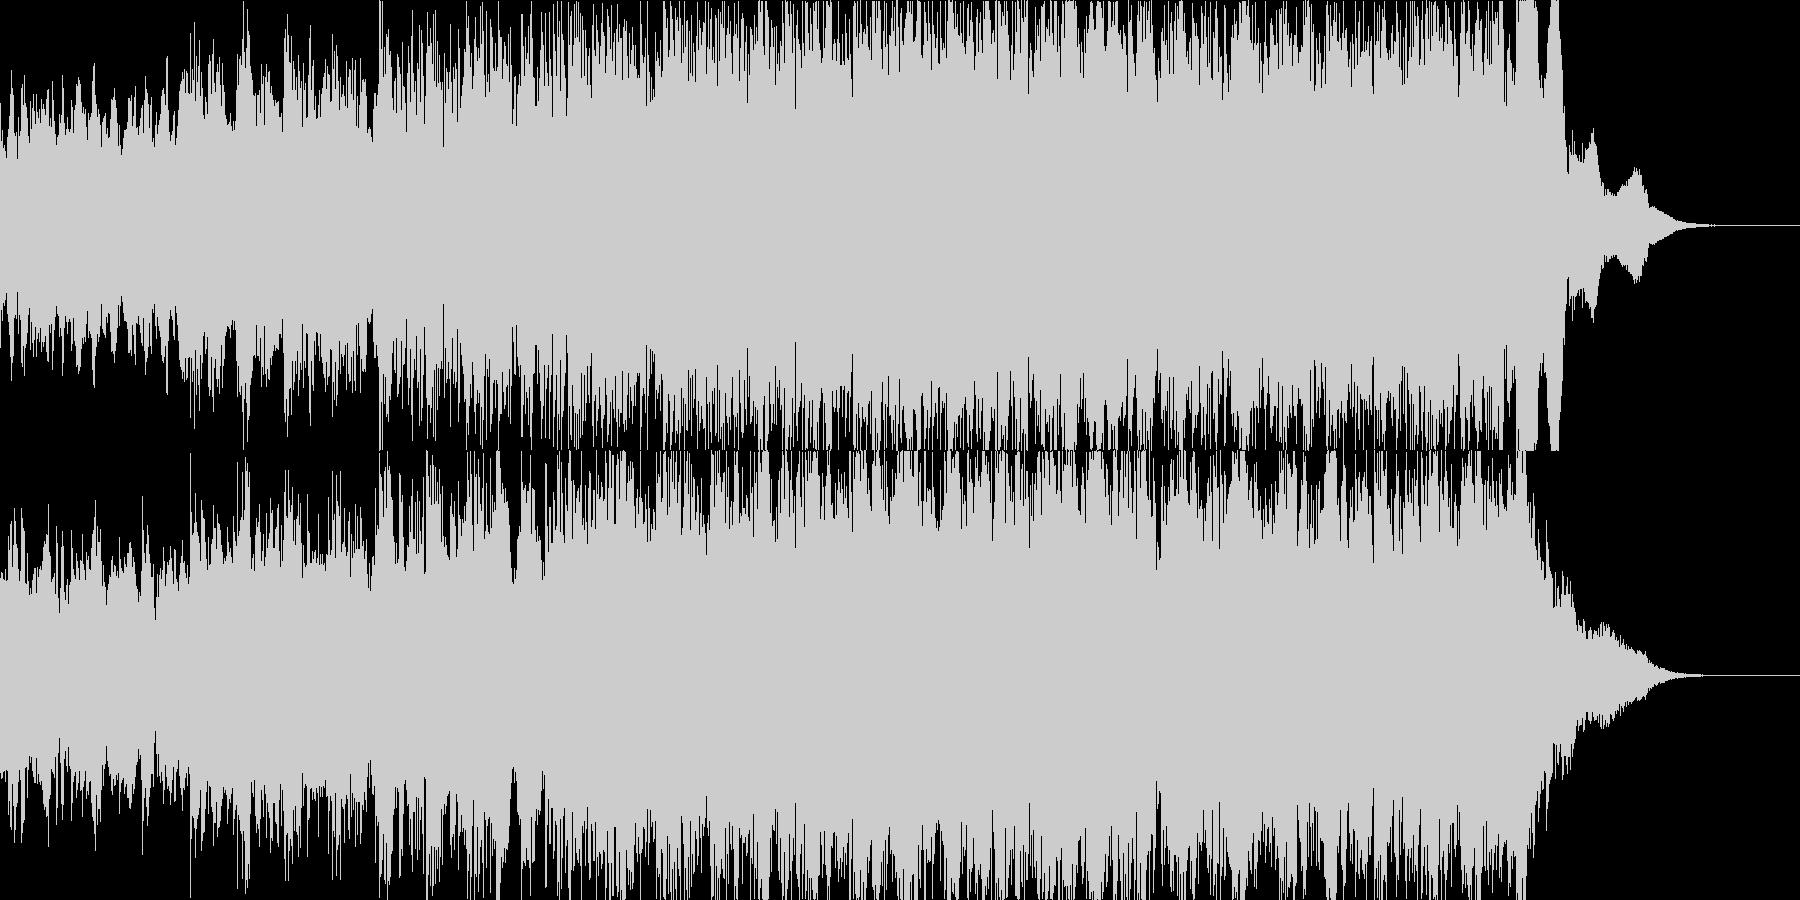 モンスター系SFにぴったりな重厚インストの未再生の波形